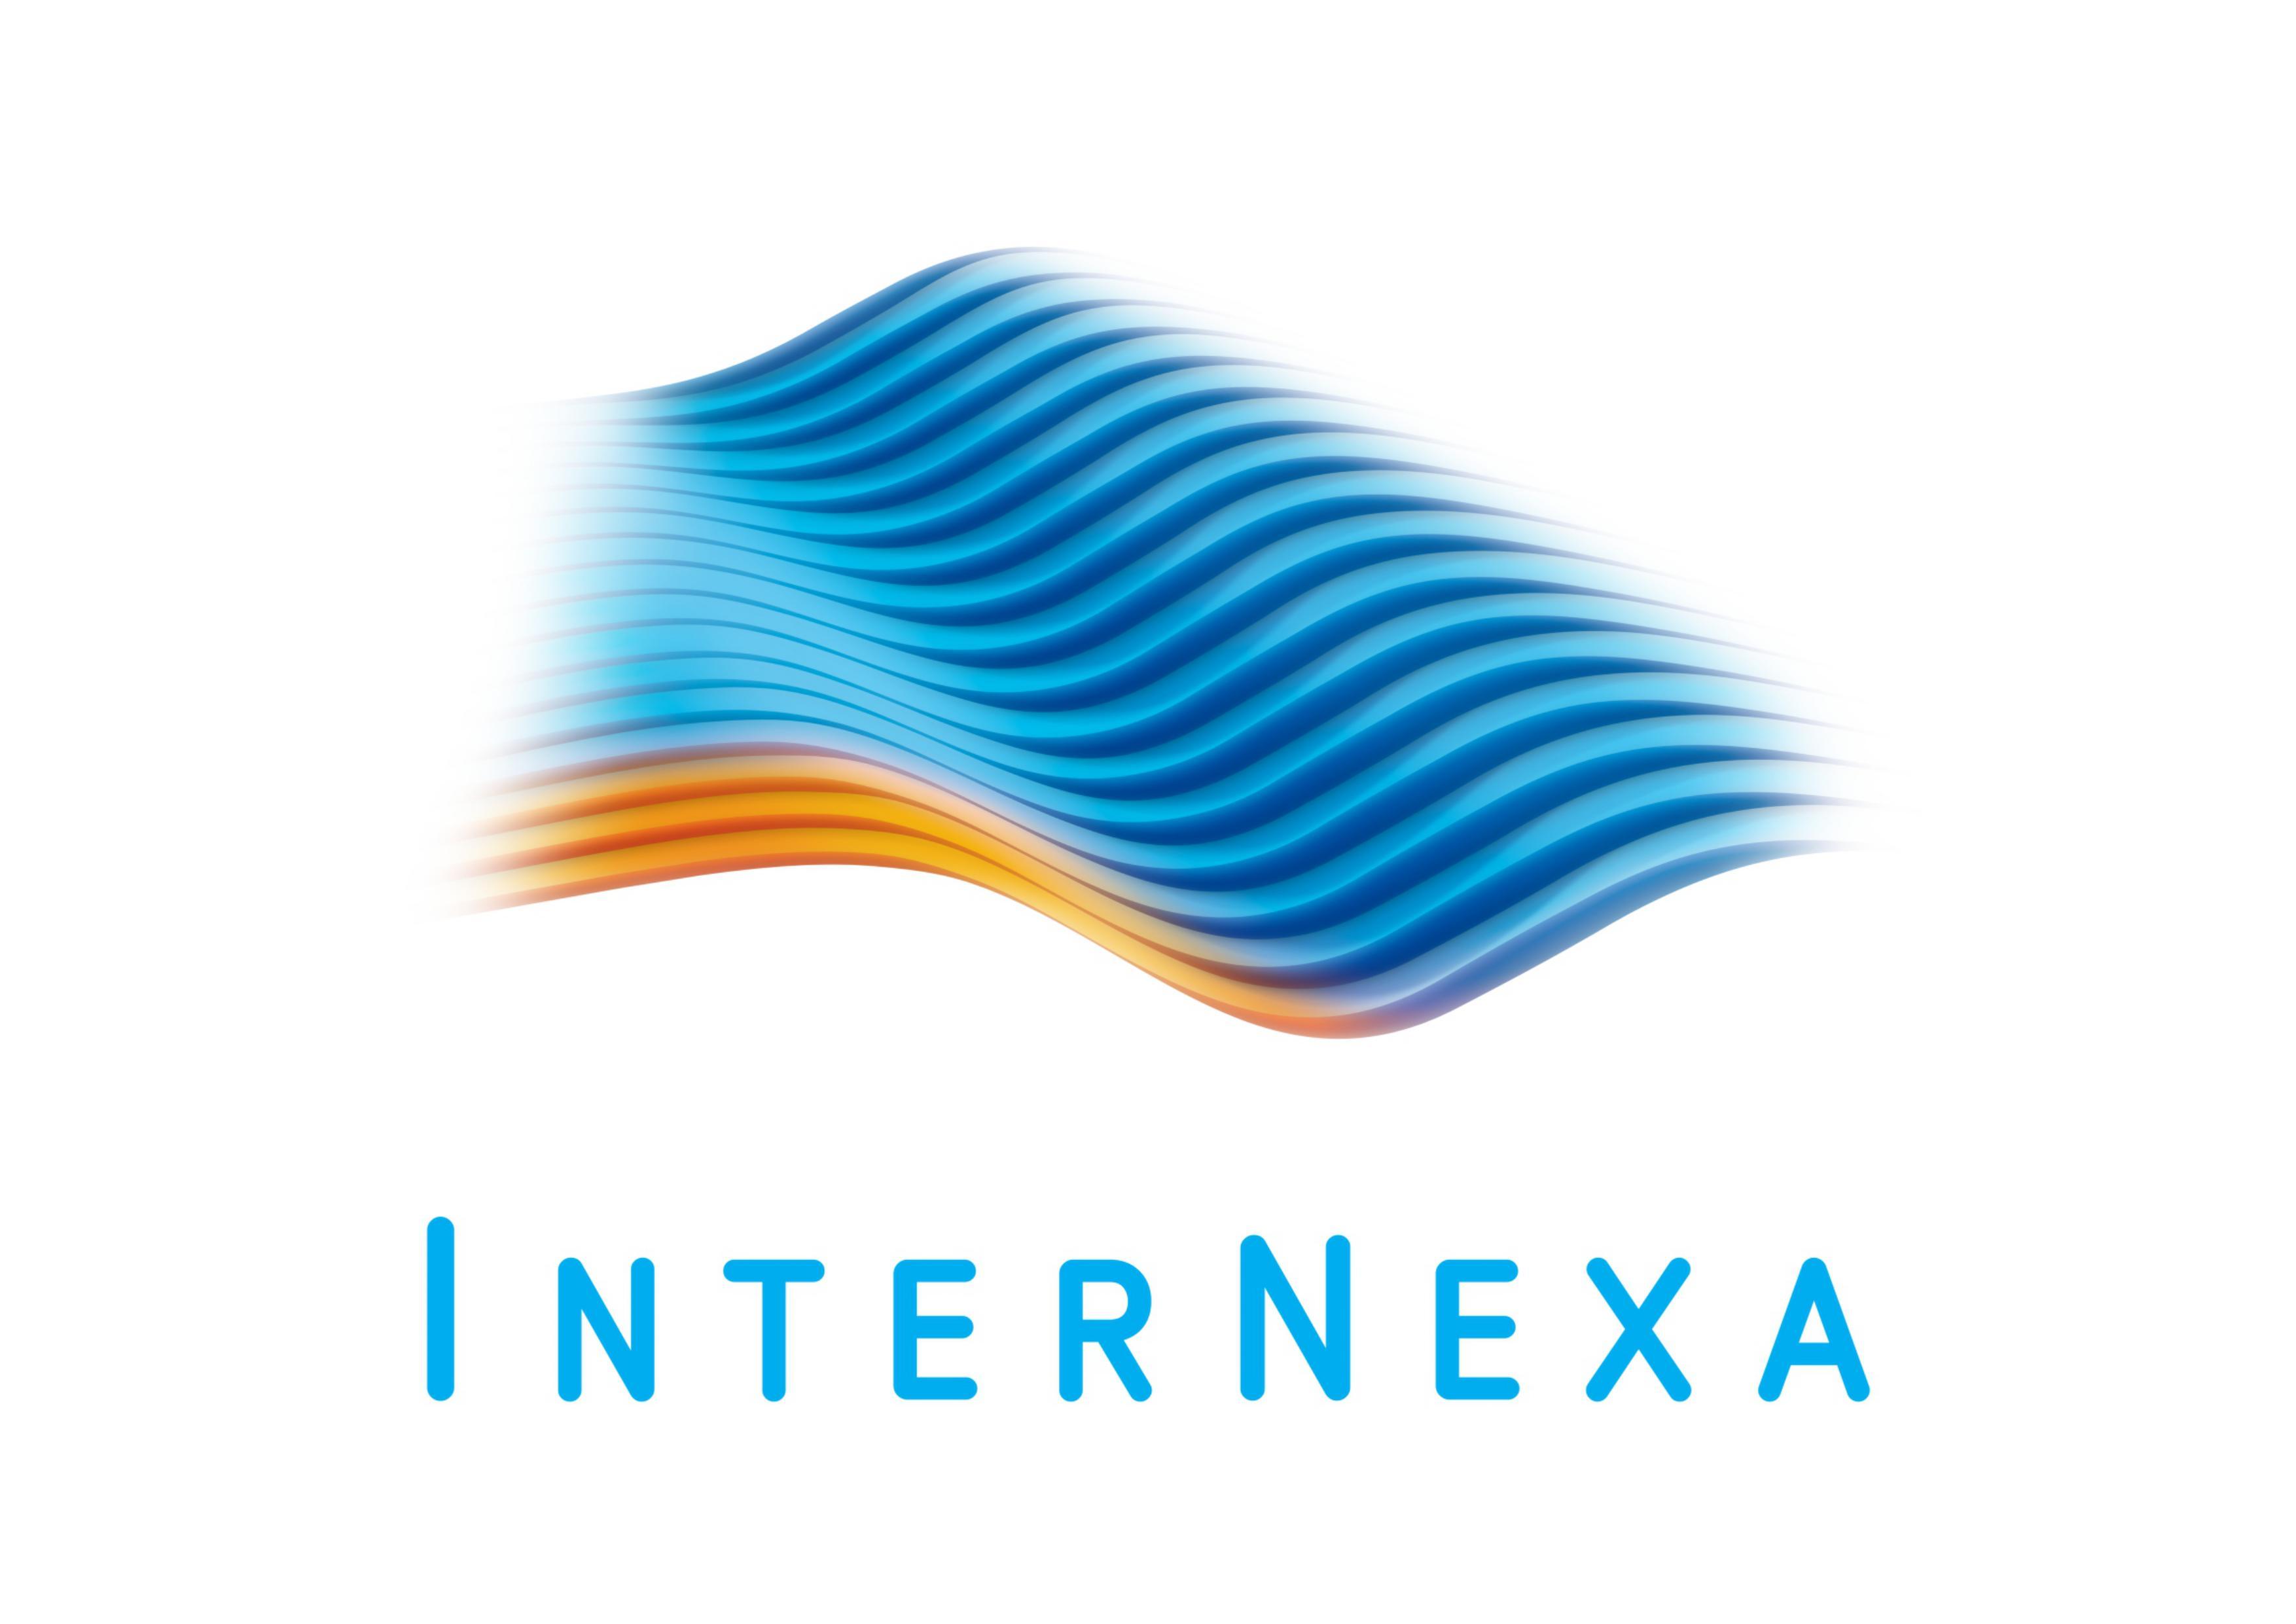 Internexa